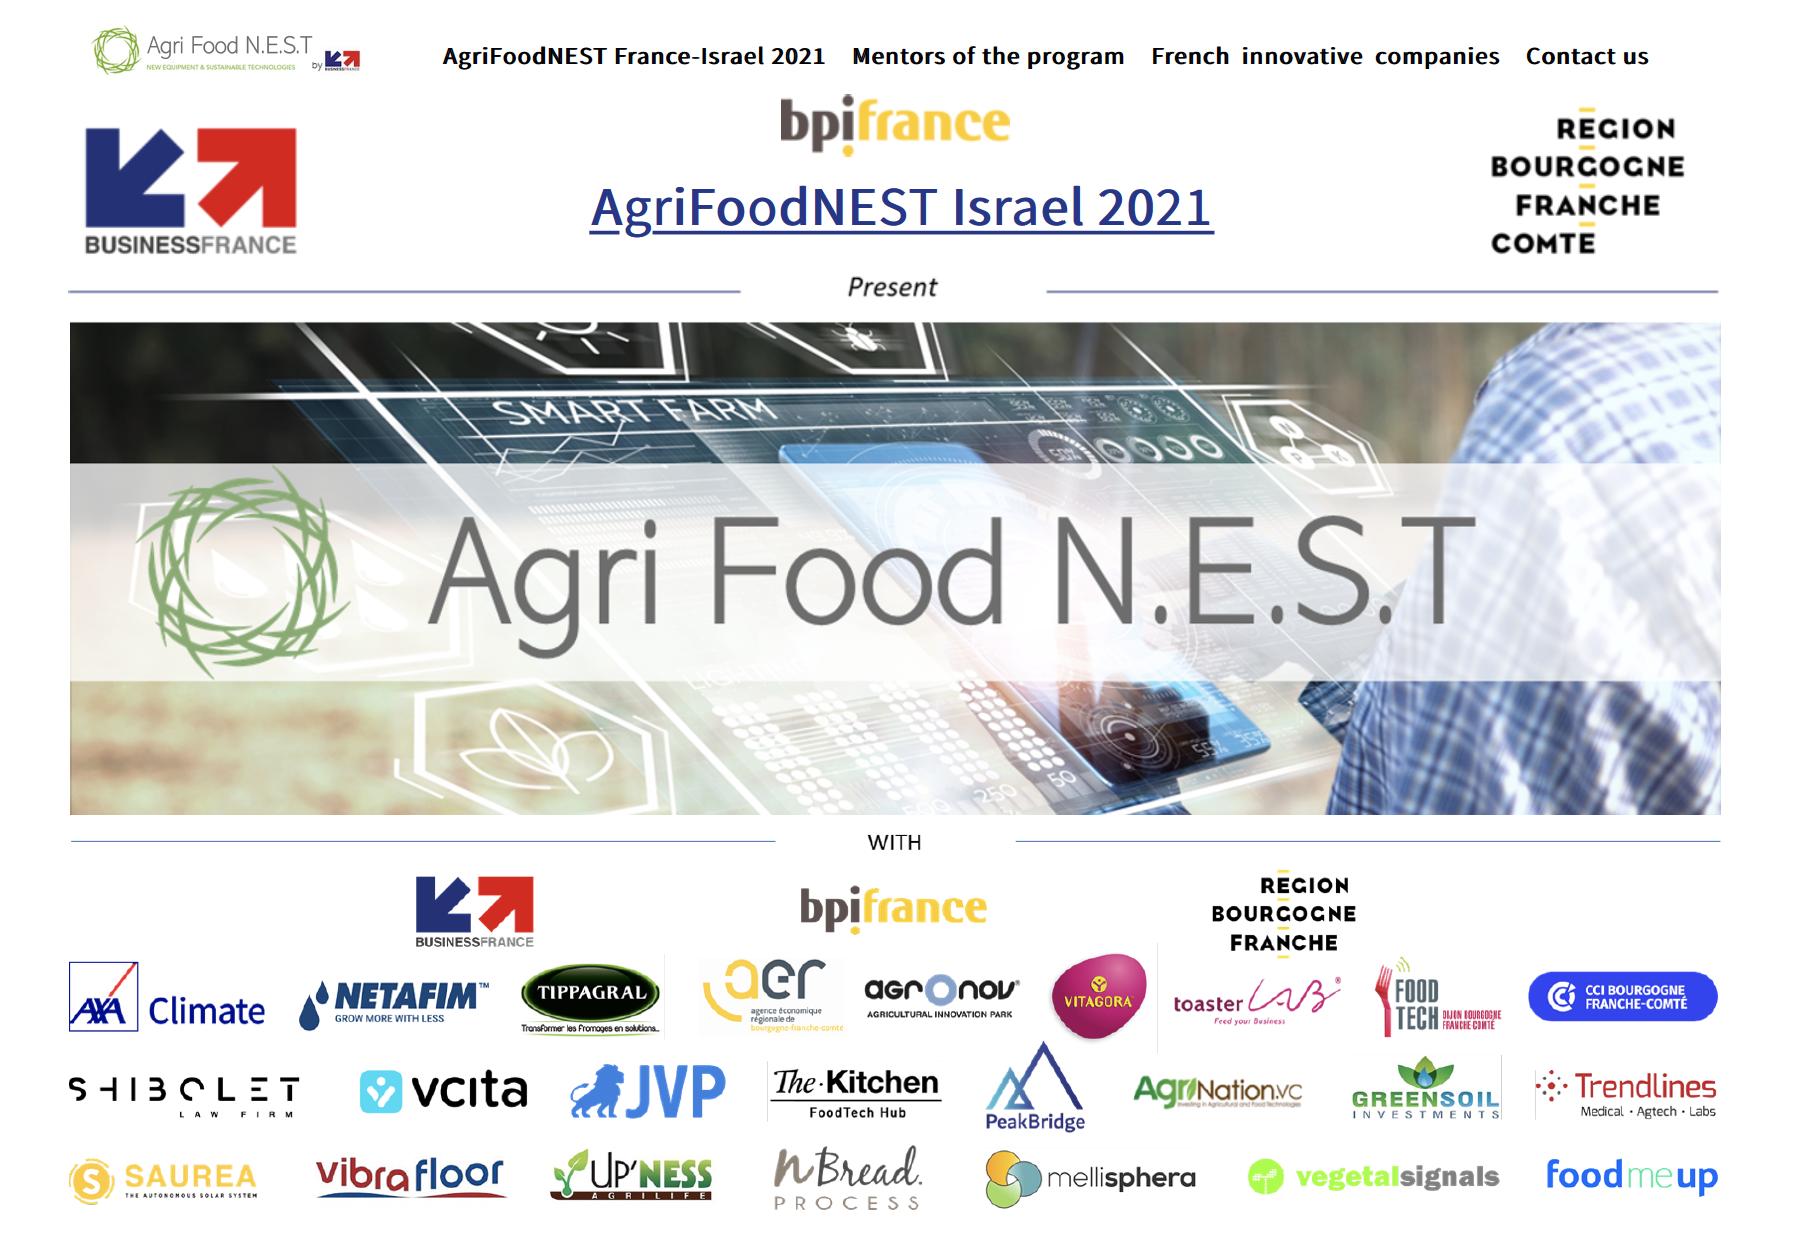 AgriFoodNEST France-Israel 2021